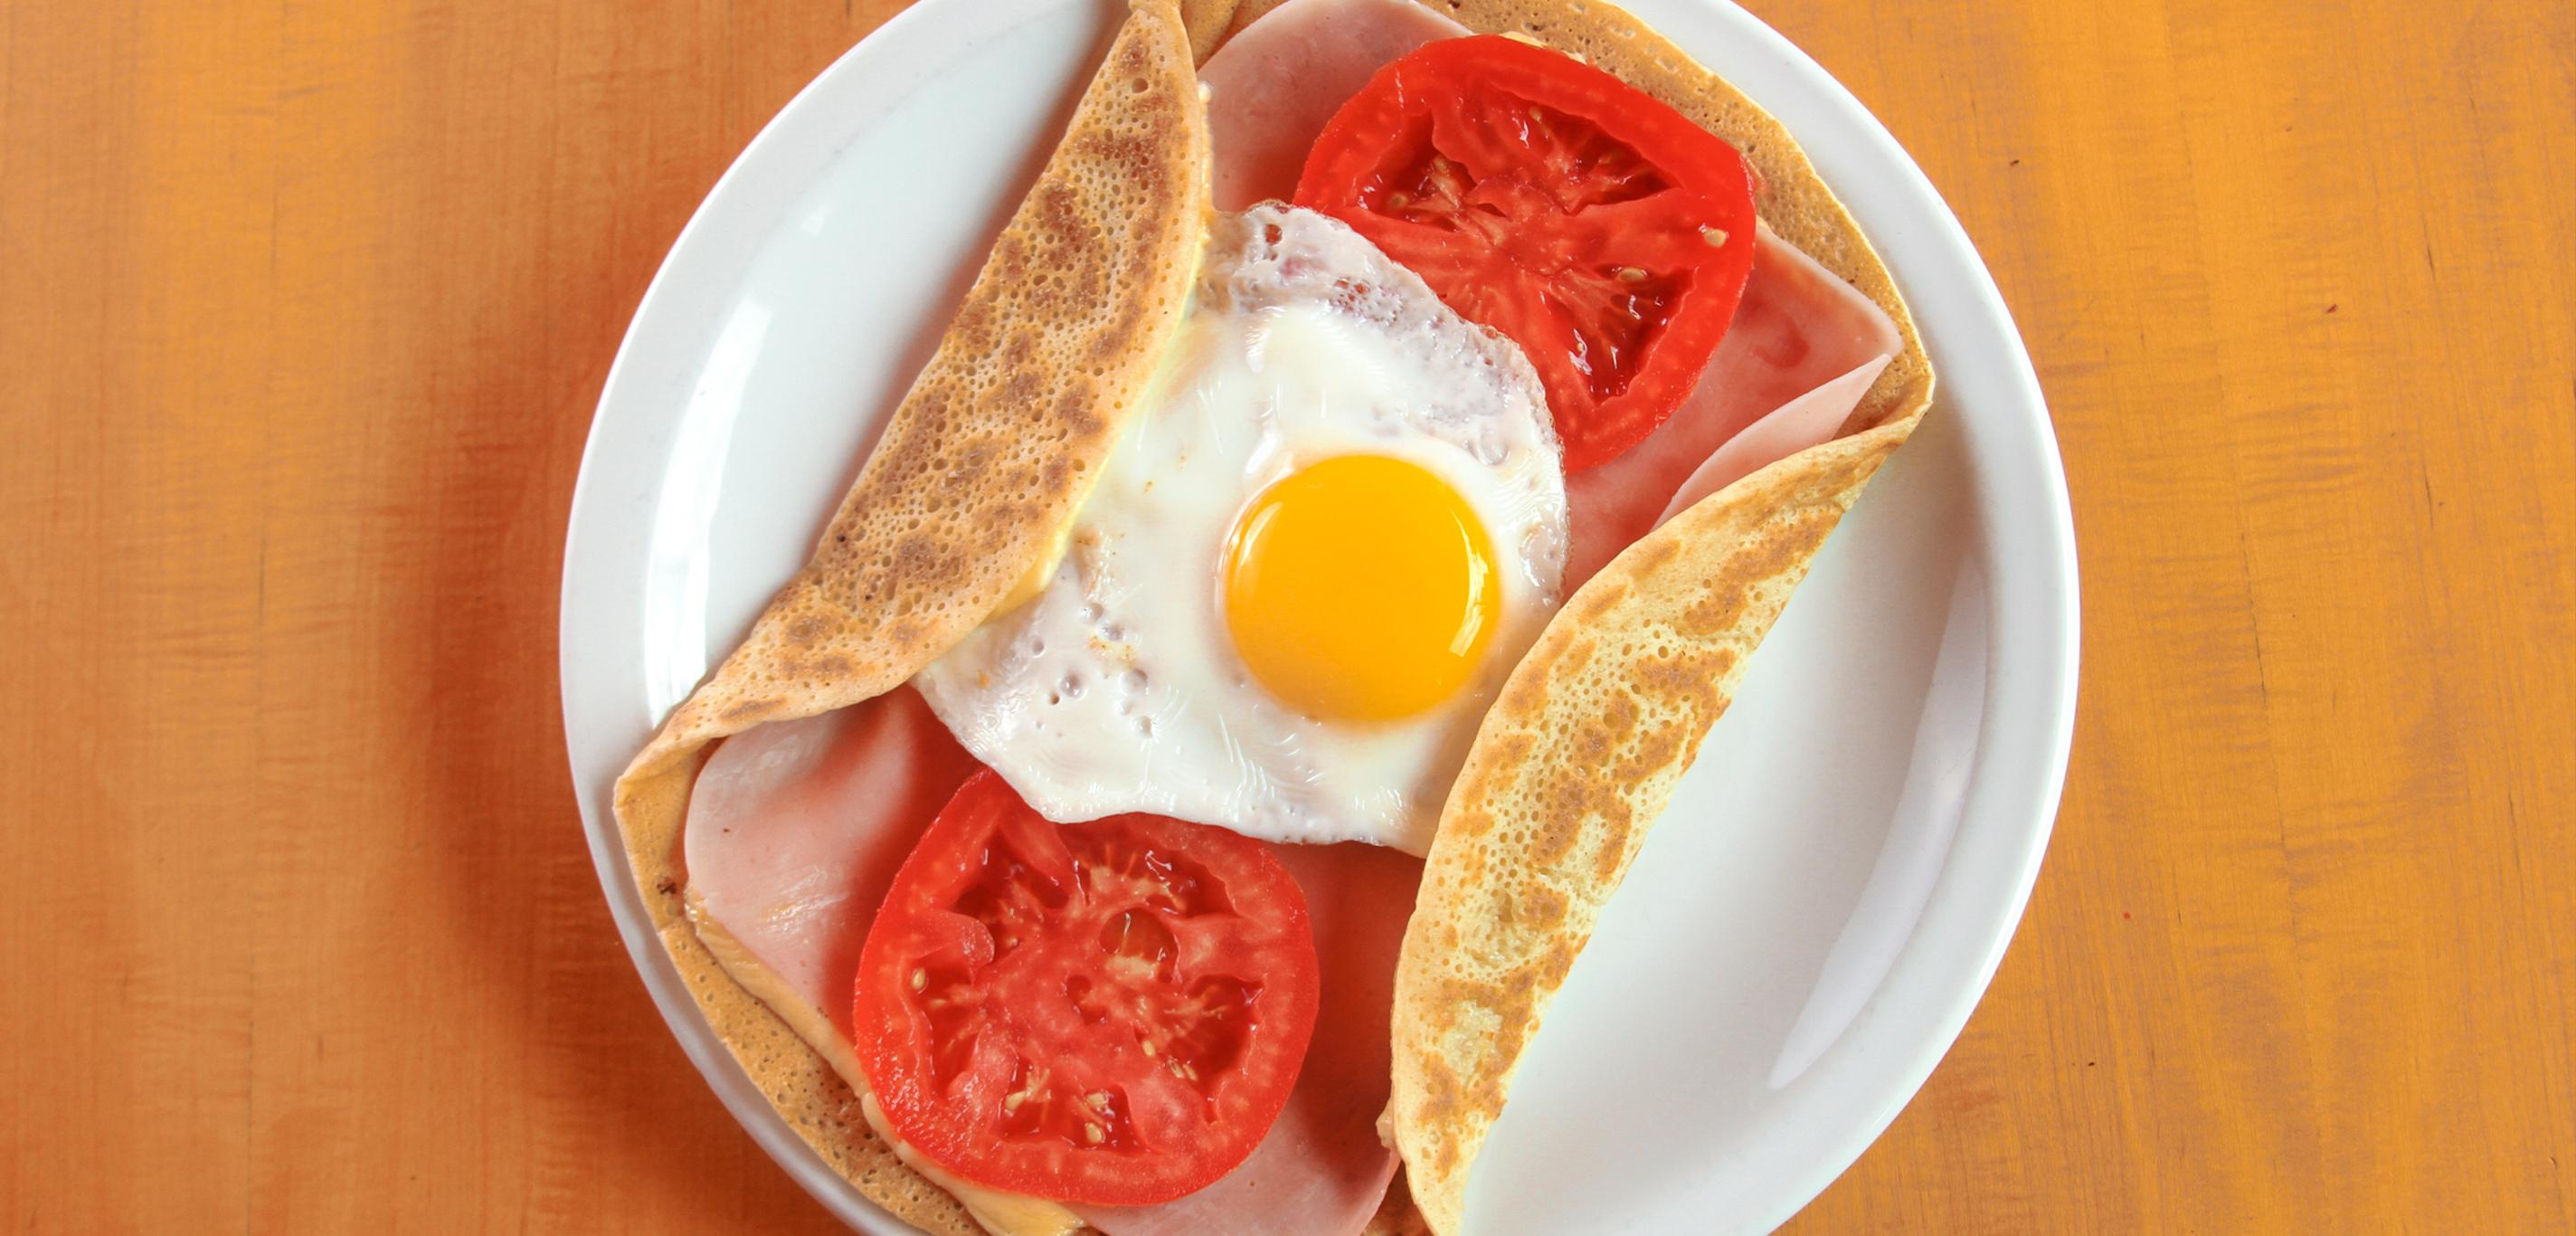 2848x1366---Splash-huevo-tomate-jamon